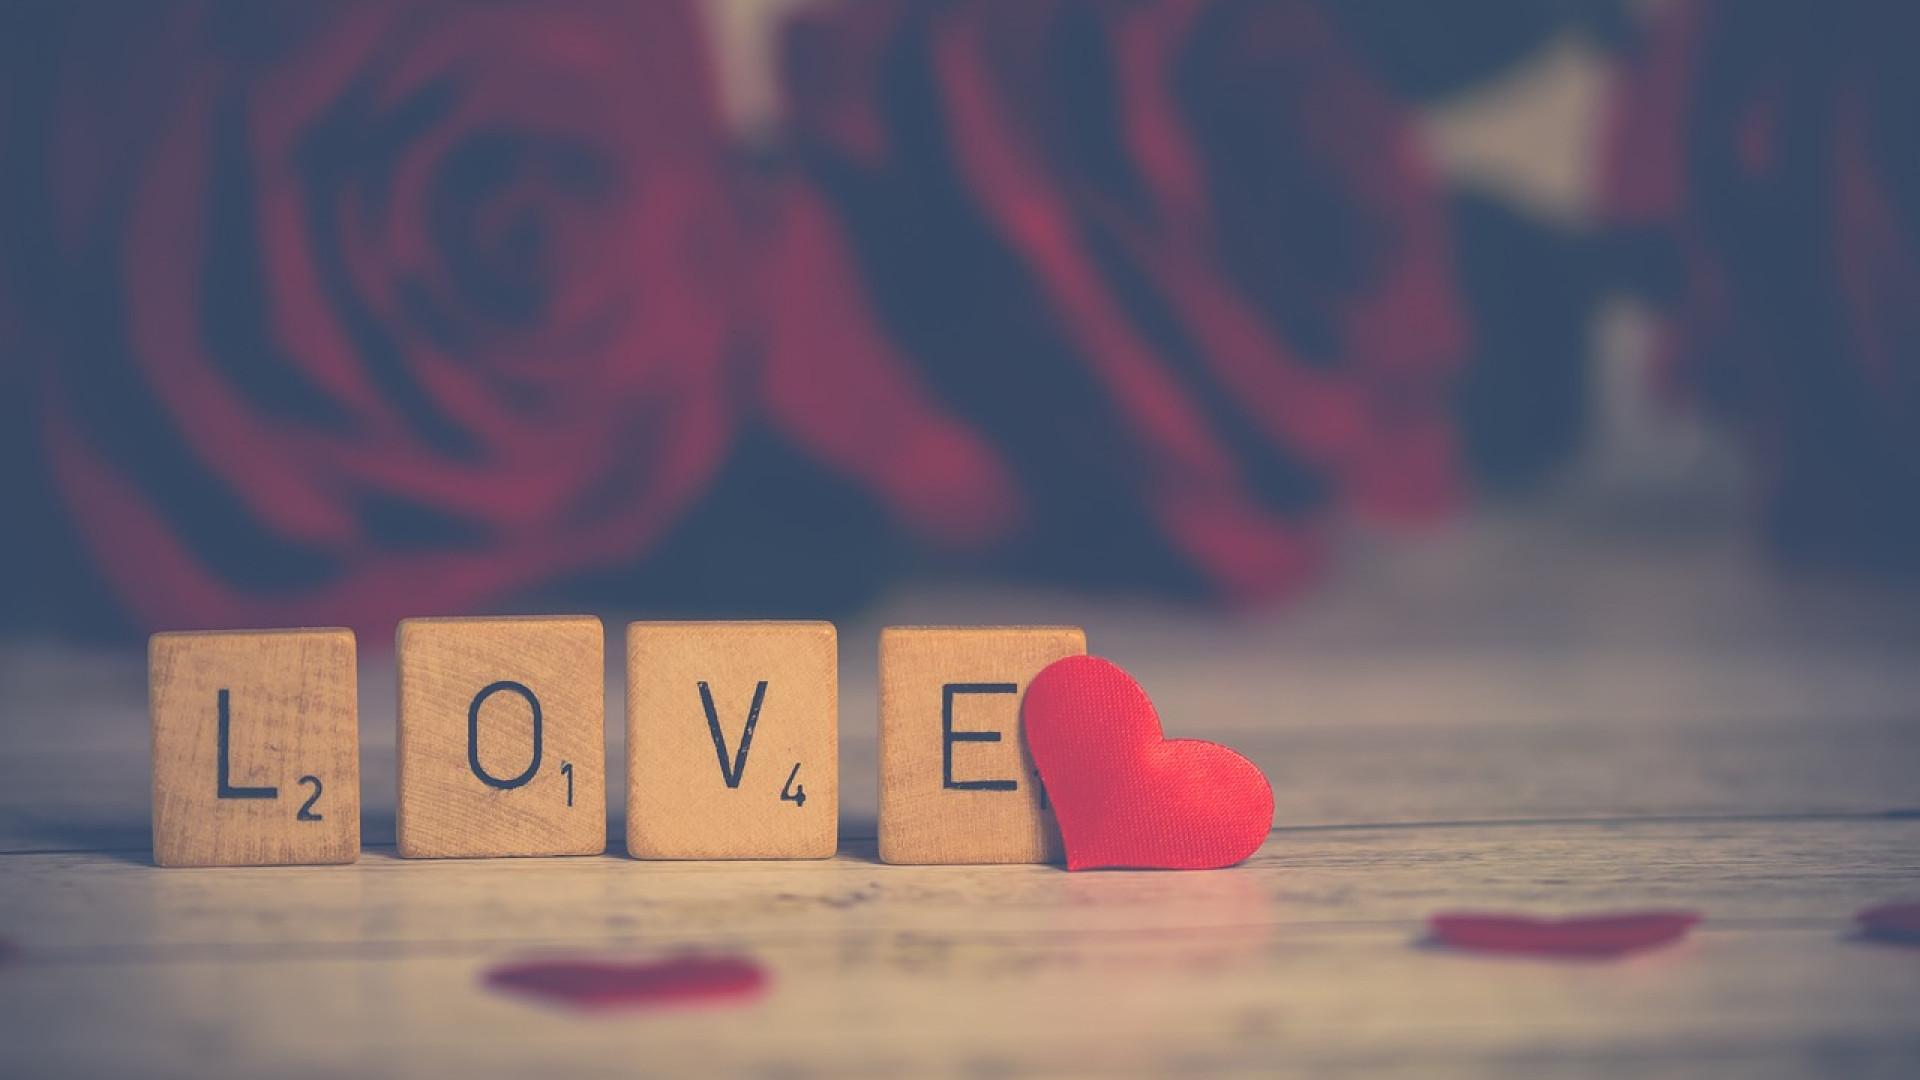 6d2a486ab864cd62341bb6c8d92f76a7 - Trois idées de week-end en amoureux